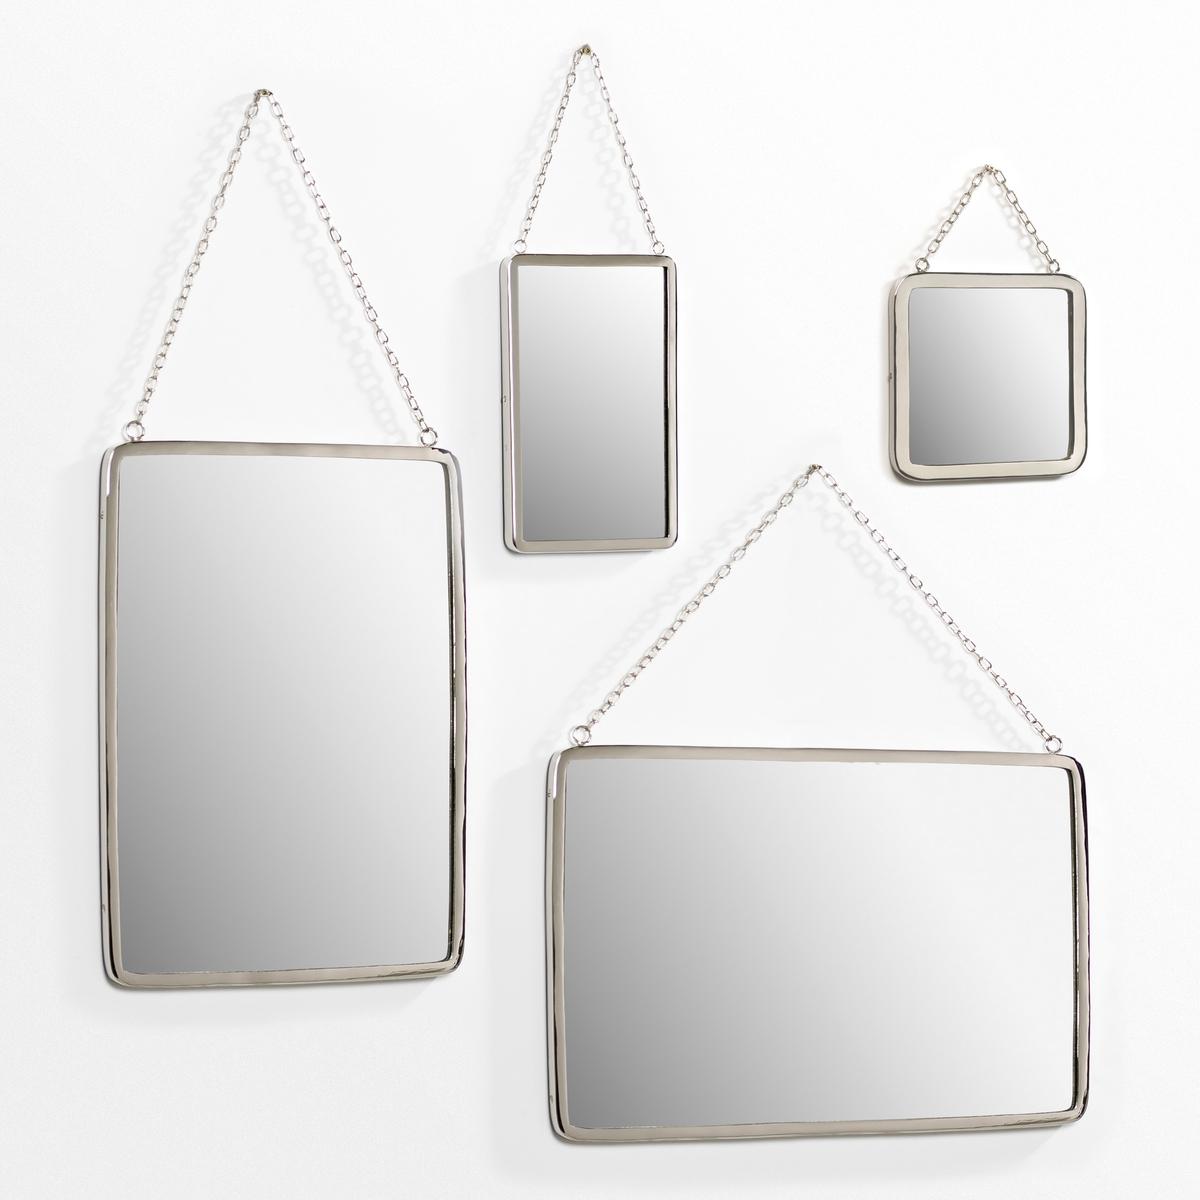 Зеркало квадратное Д20 x В20 см, BarbierЗеркало в старинном стиле. Характеристики: :- Рамка из никелированной латуни .- Цепочка-подвеска из металла с никелевым покрытием  . Размеры  :-.20 см x высота ок.20 см.<br><br>Цвет: прозрачный